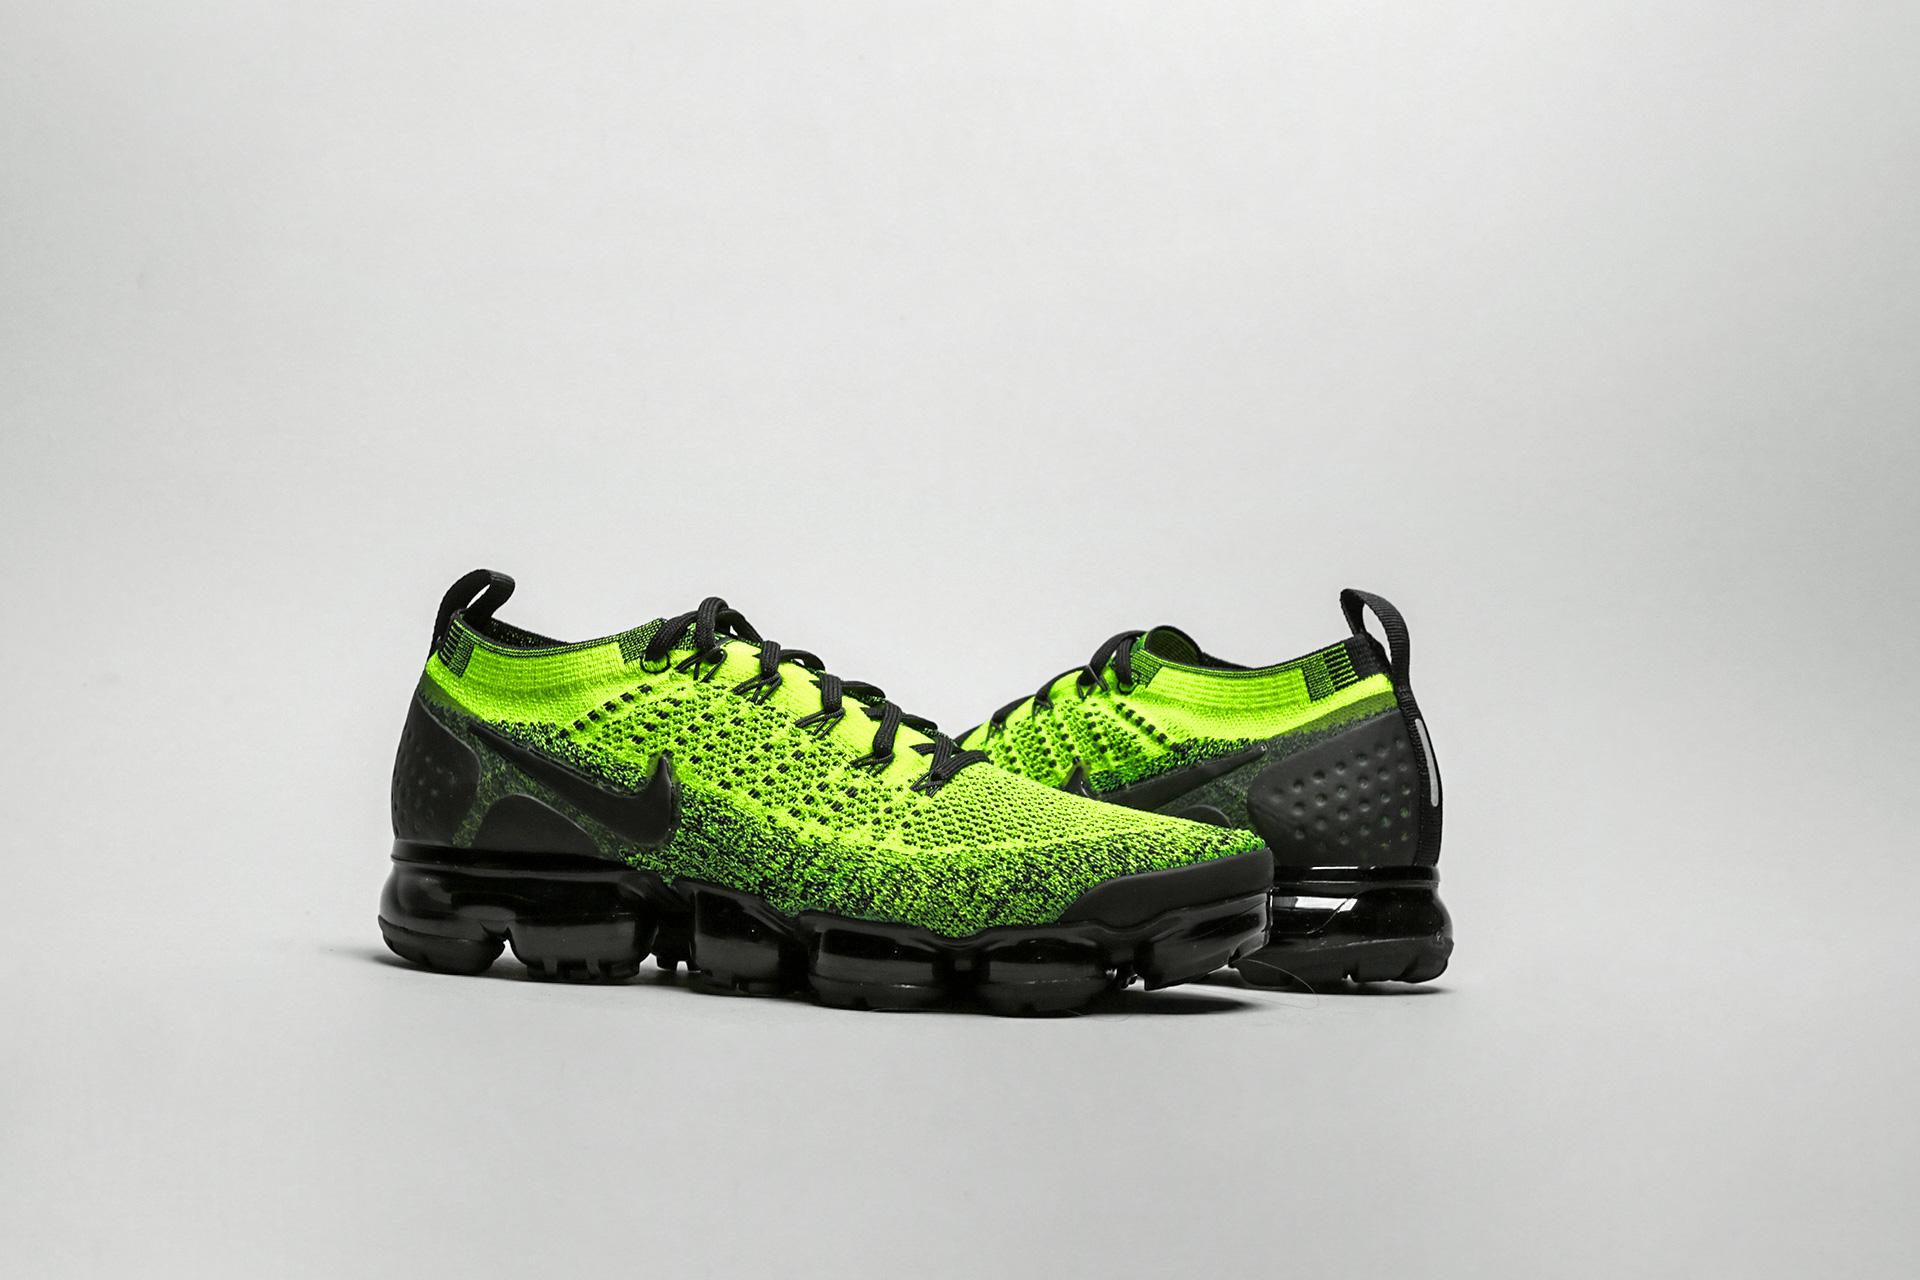 aed14086 Купить зеленые мужские кроссовки Air Vapormax Flyknit 2 от Nike ...